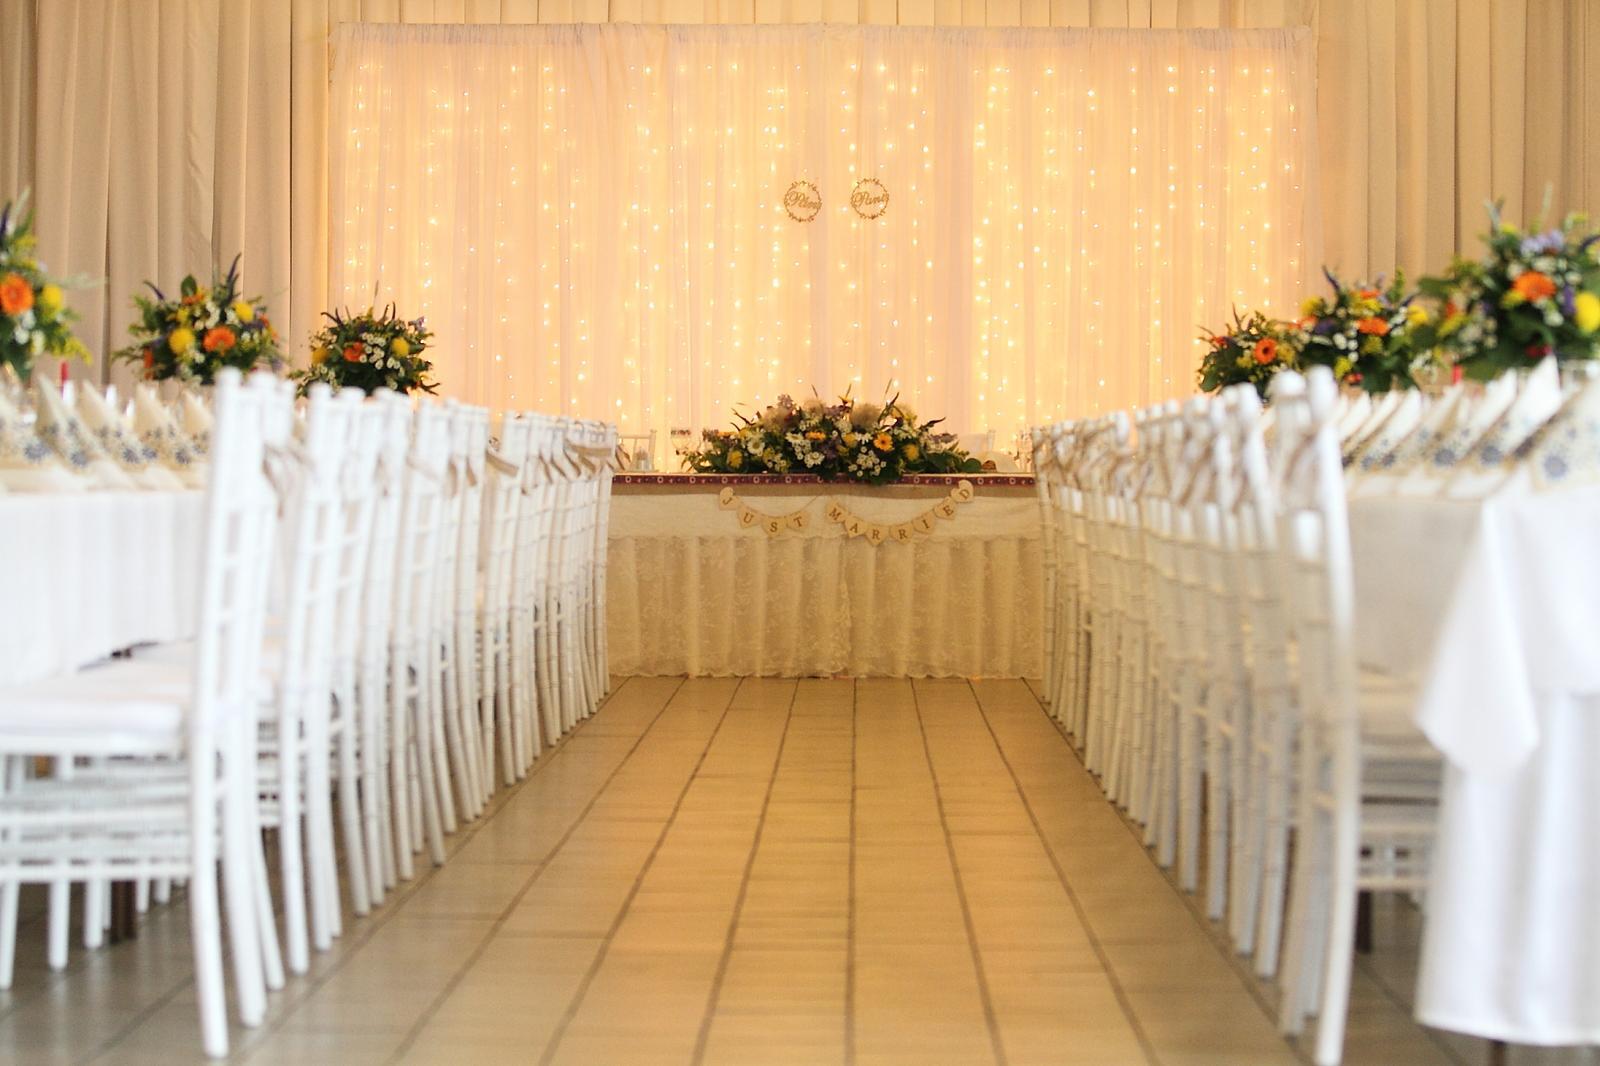 Prenájom - biele chiavari stoličky - Obrázok č. 1